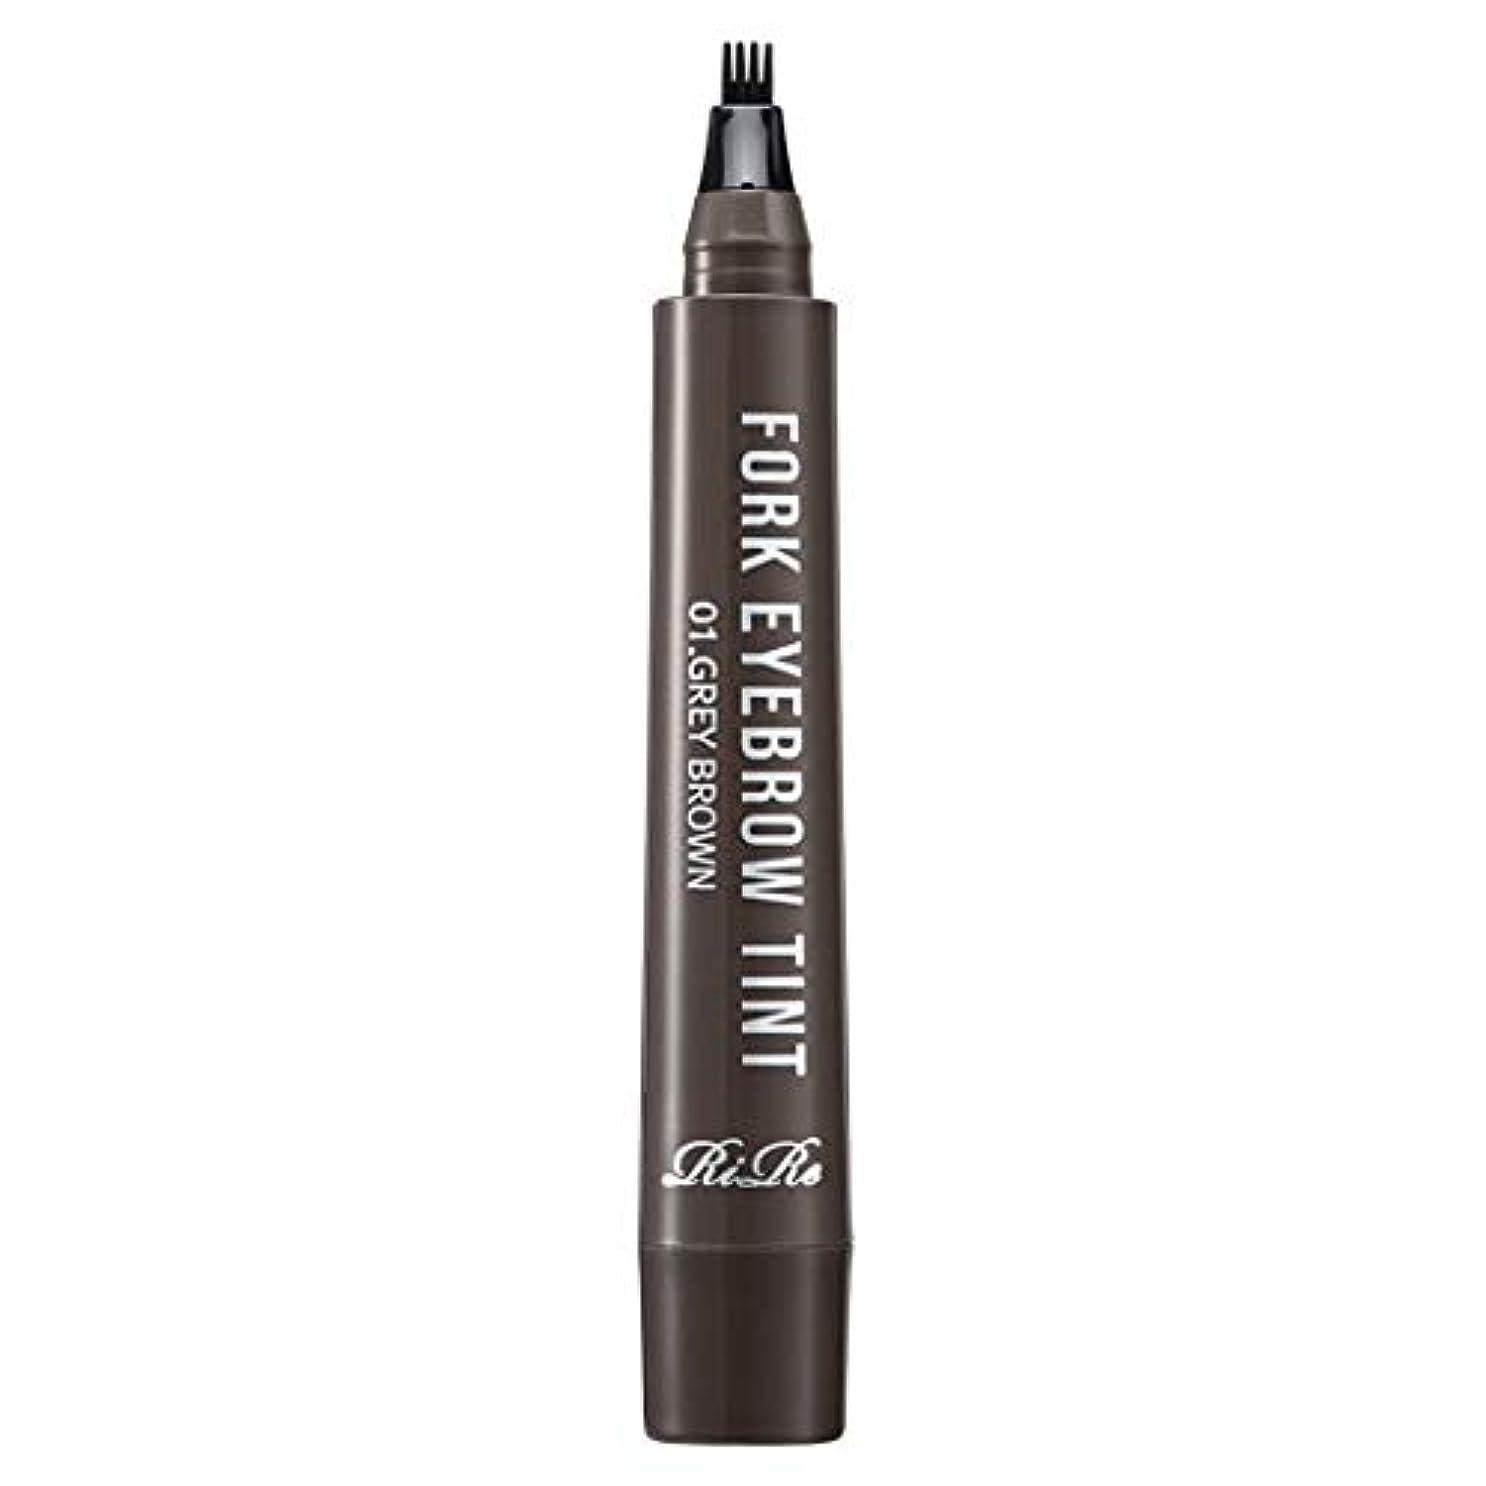 スリムクライマックスルネッサンスRiRe フォーク アイブロウ ティント / Fork Eyebrow Tint / 1回使用で8日持続 (1.グレーブラウン) [並行輸入品]